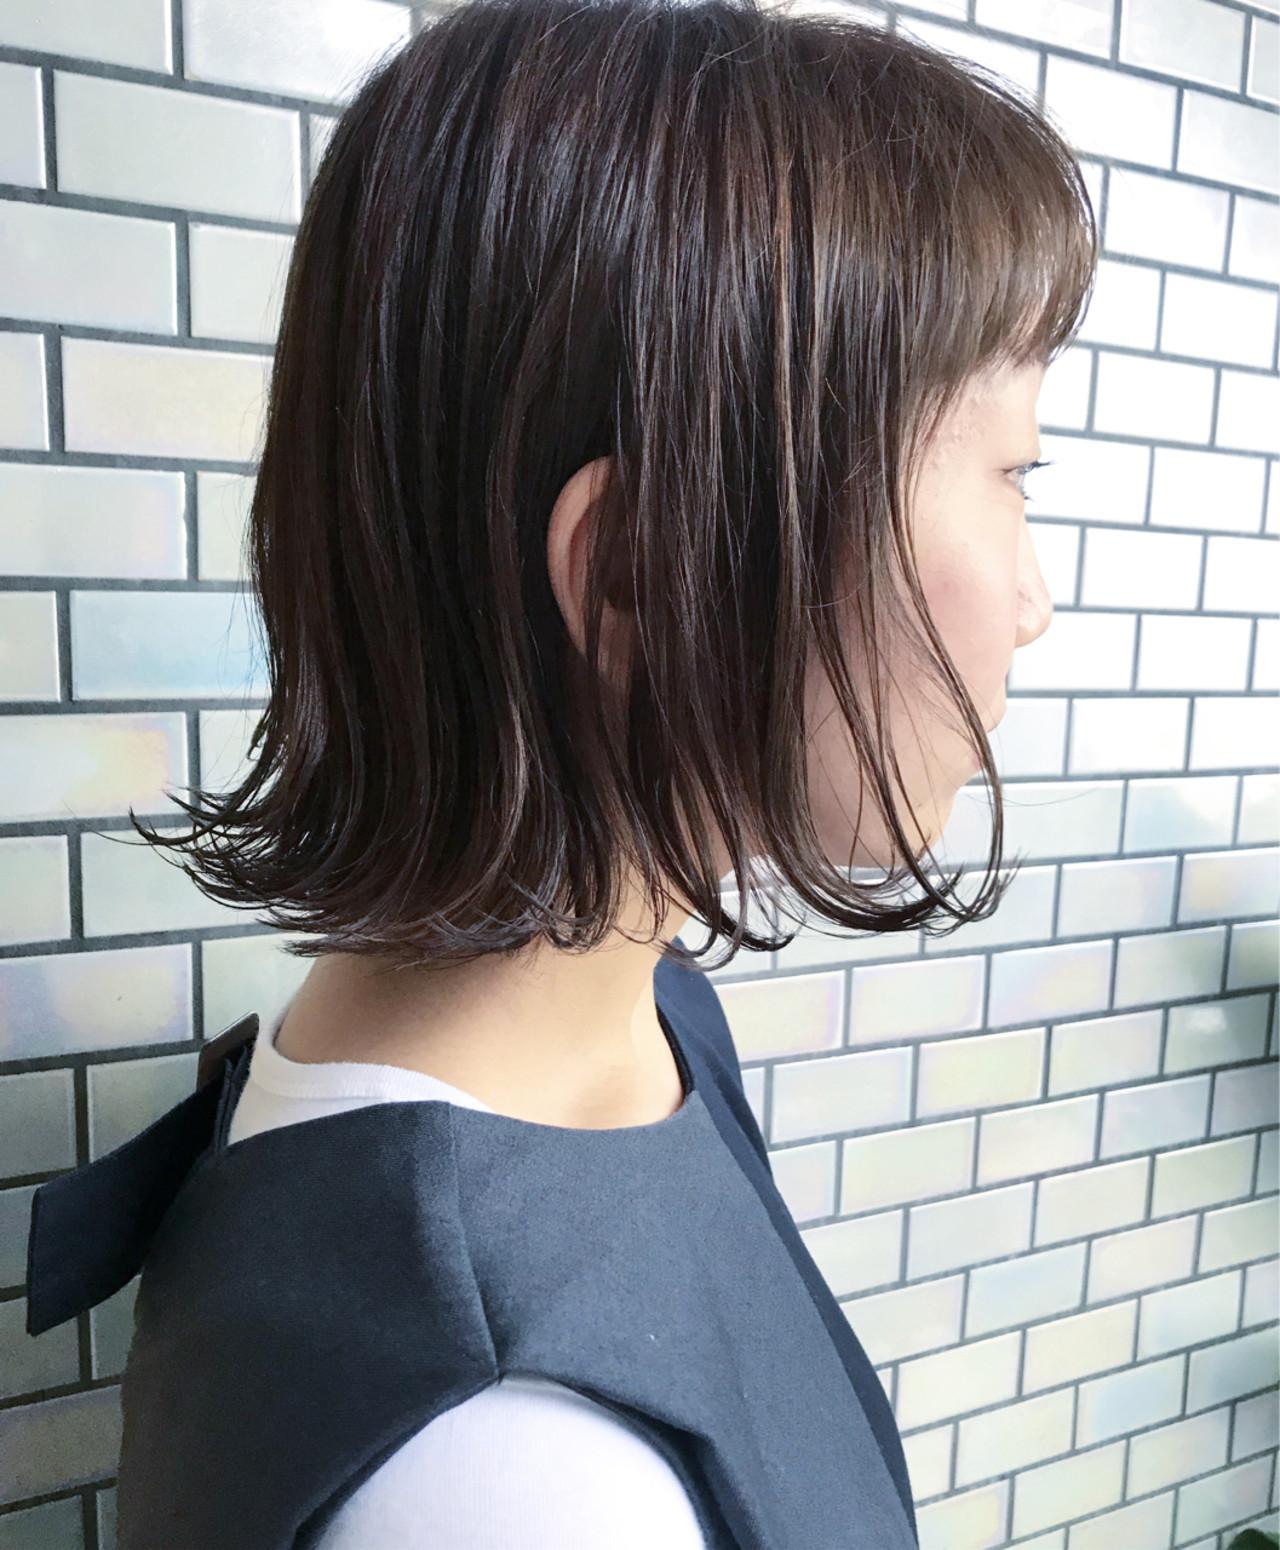 内巻き ボブ 切りっぱなし ワンカールヘアスタイルや髪型の写真・画像